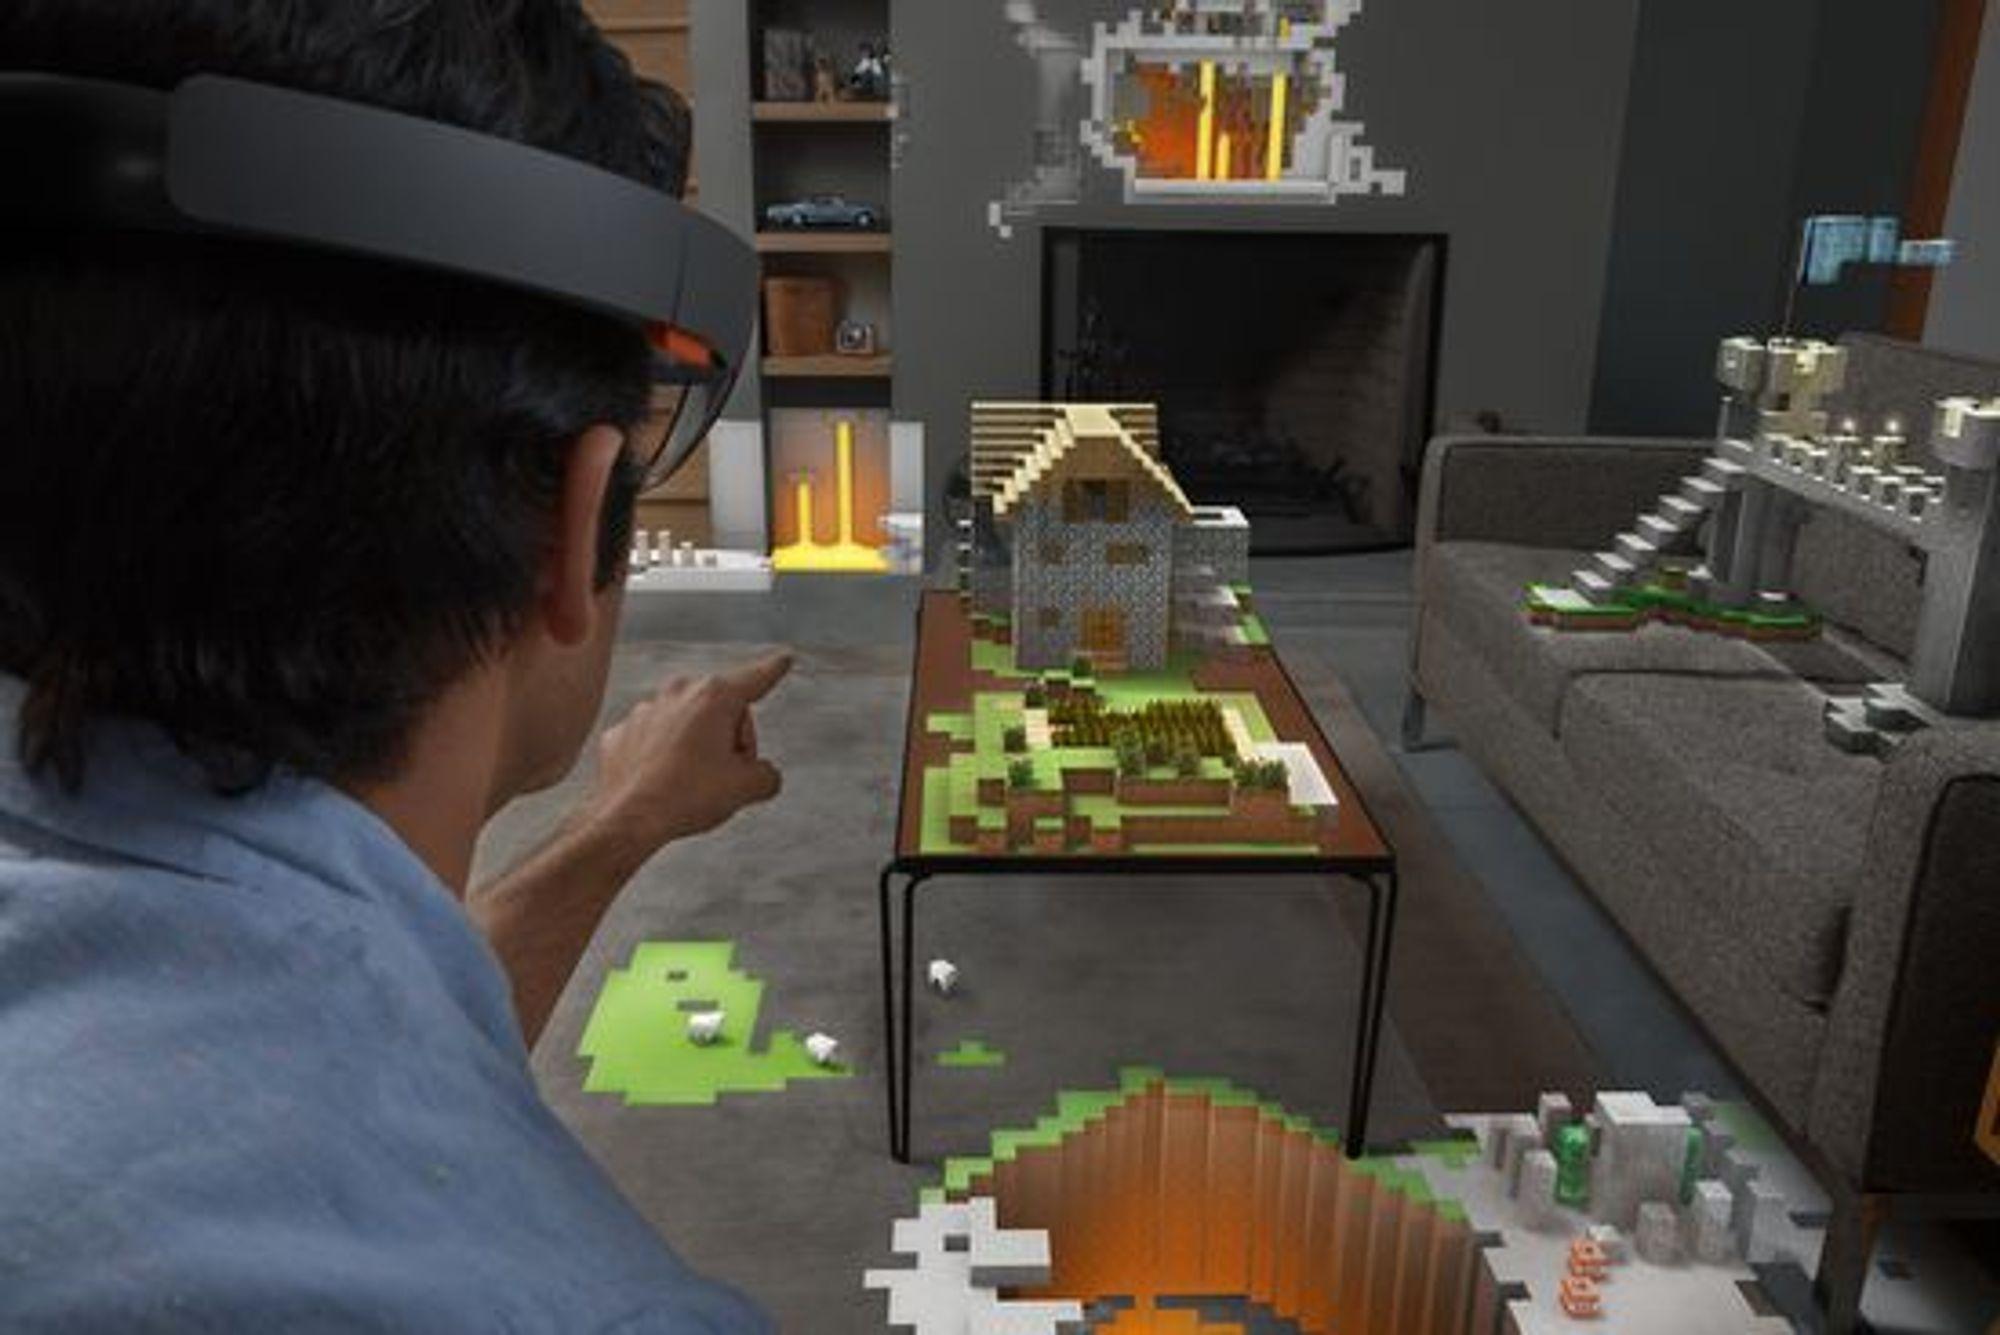 Et eksempel på hvordan HoloLens-brillene kan fungere.